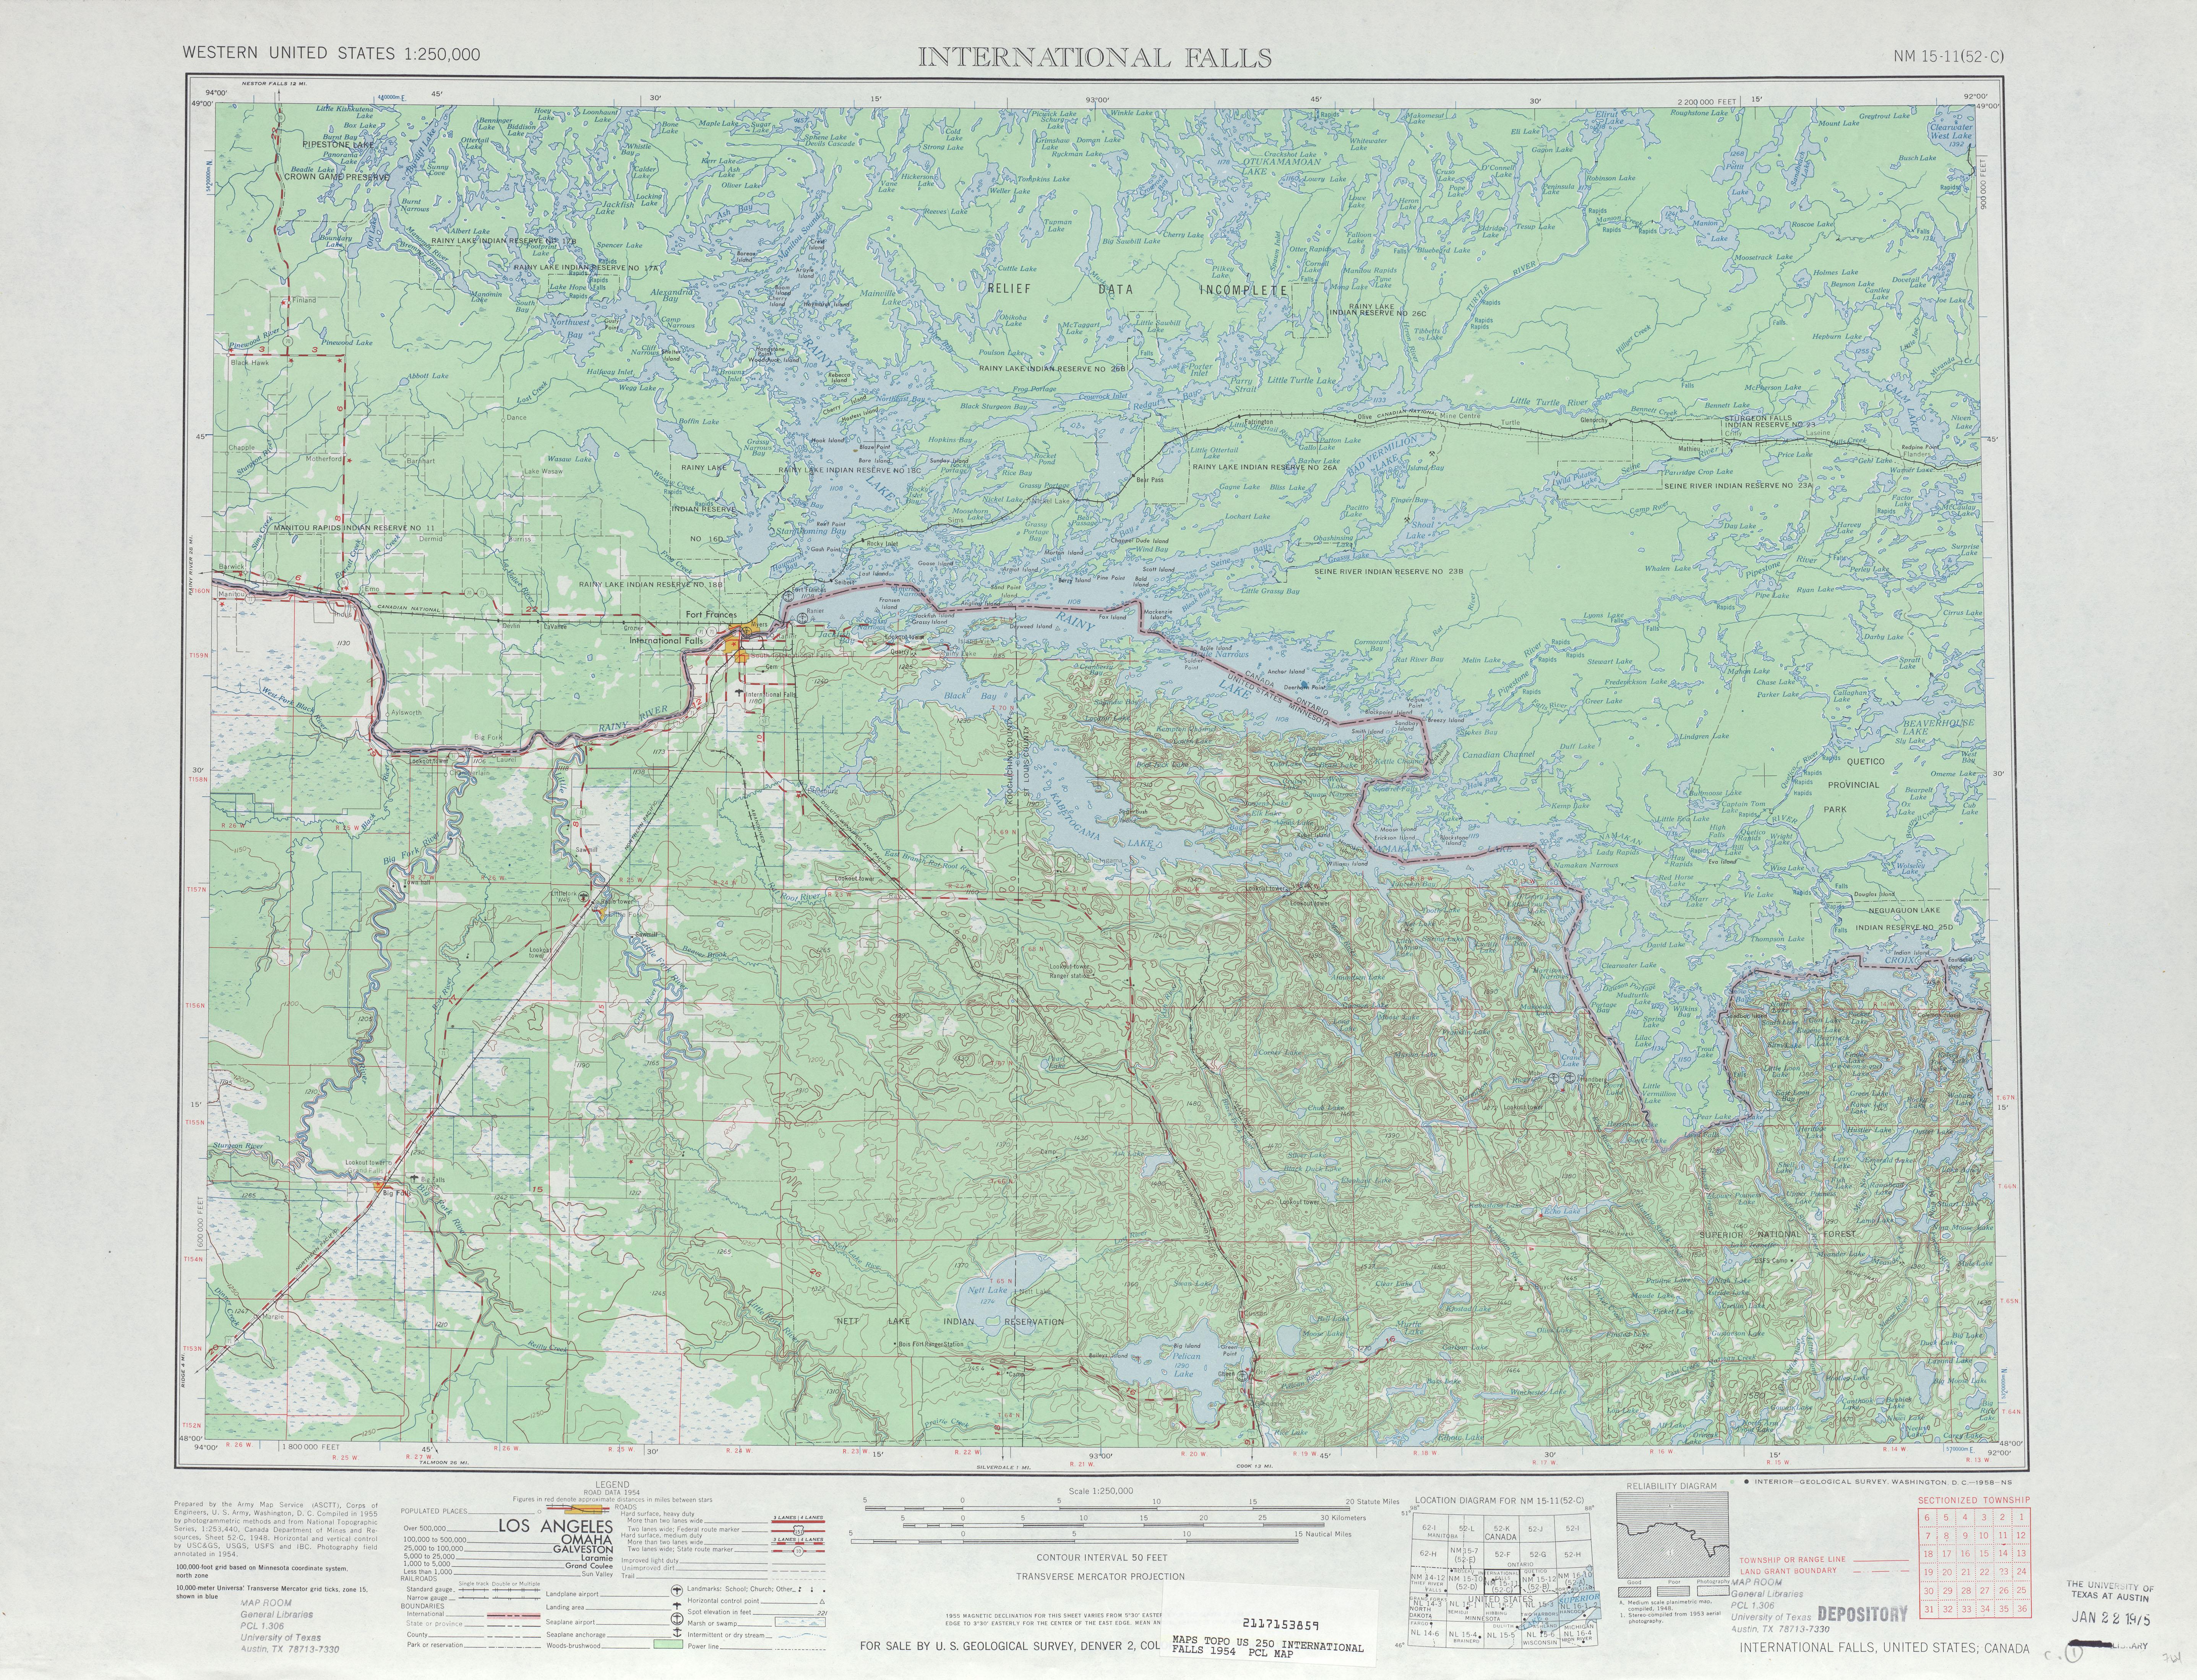 Hoja International Falls del Mapa Topográfico de los Estados Unidos 1954